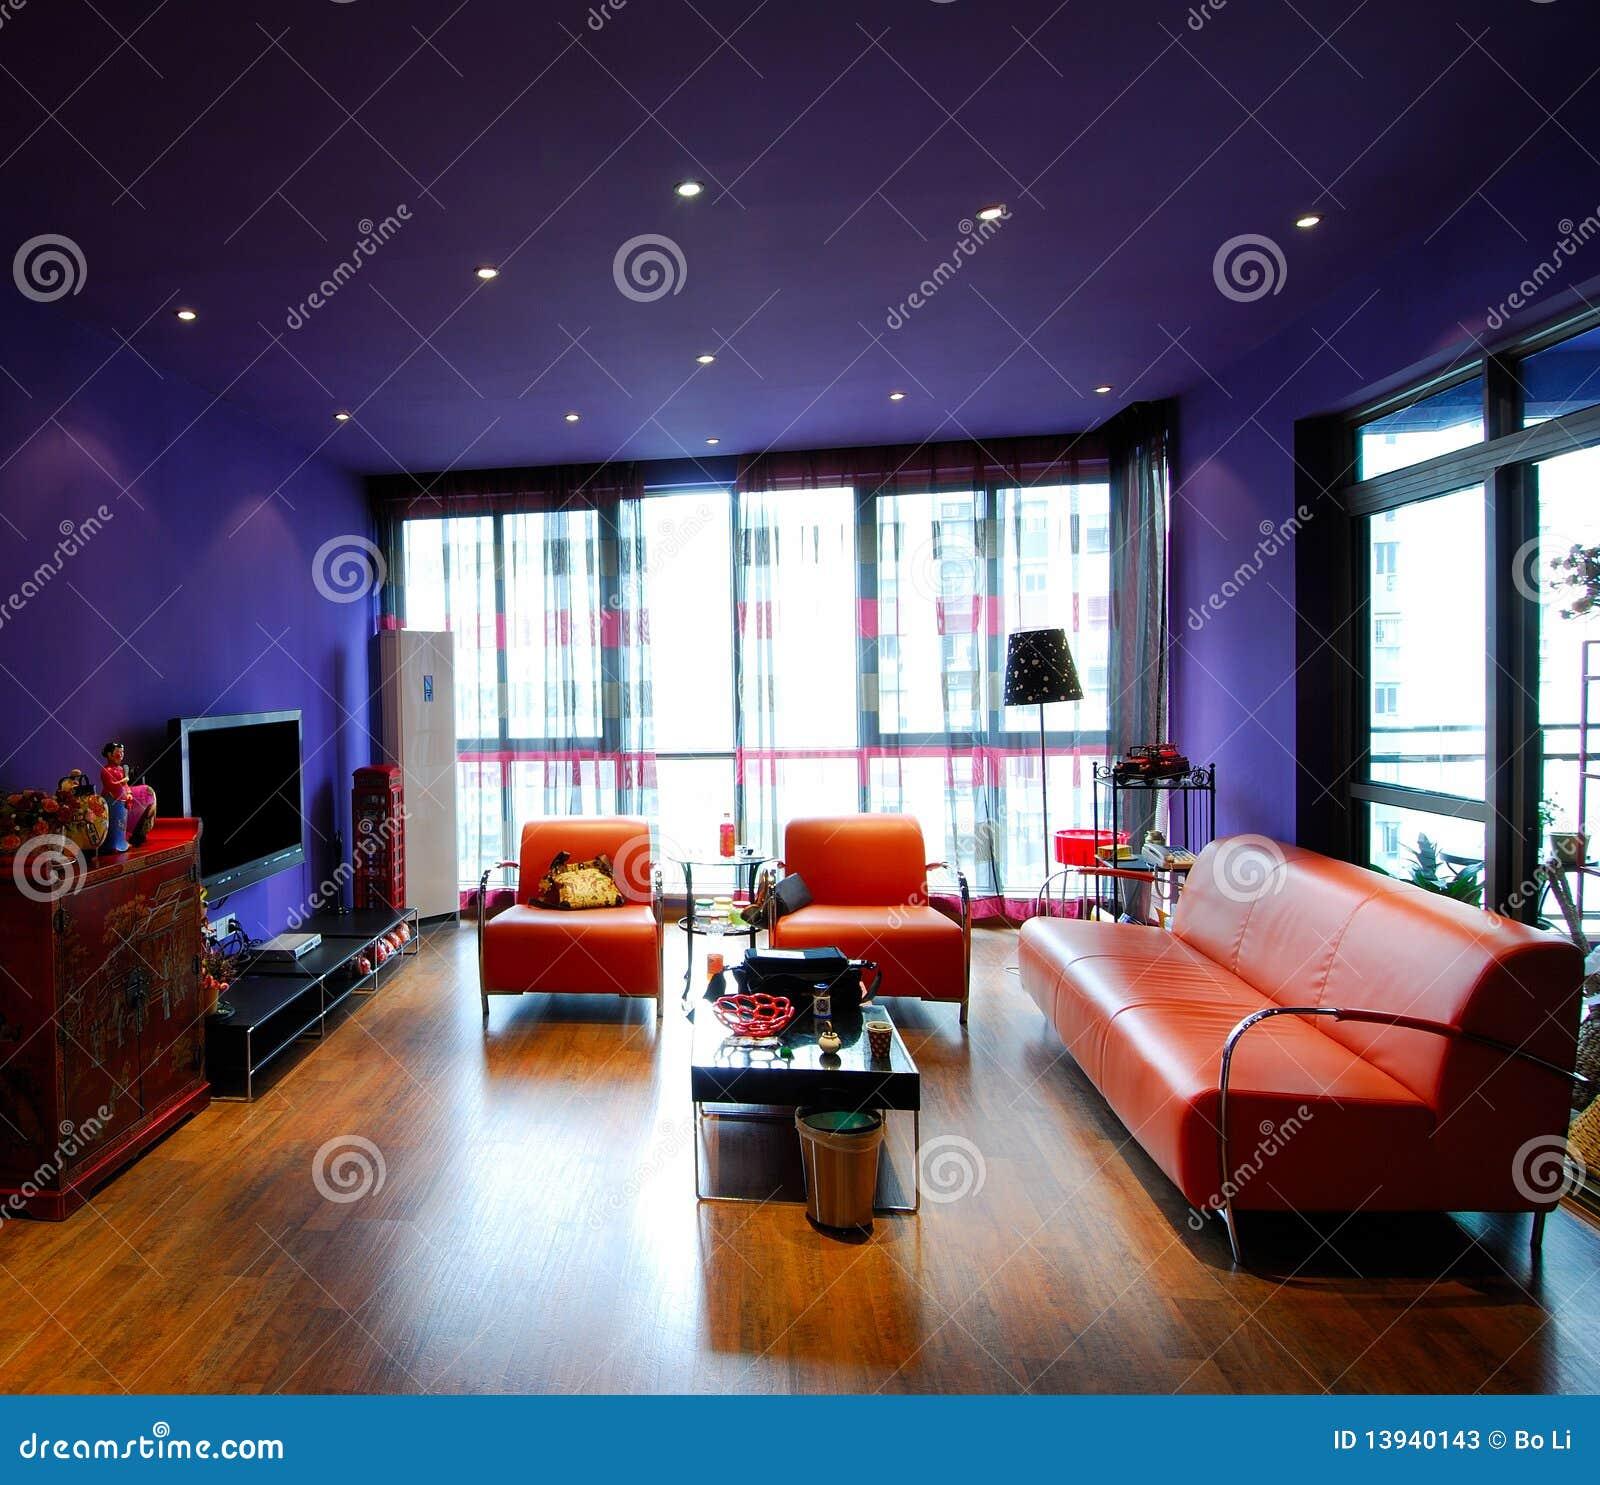 #474446 Sala De Estar Moderna Fotos de Stock Imagem 13940143 1300x1224 píxeis em Aparadores Sala De Estar Moderna